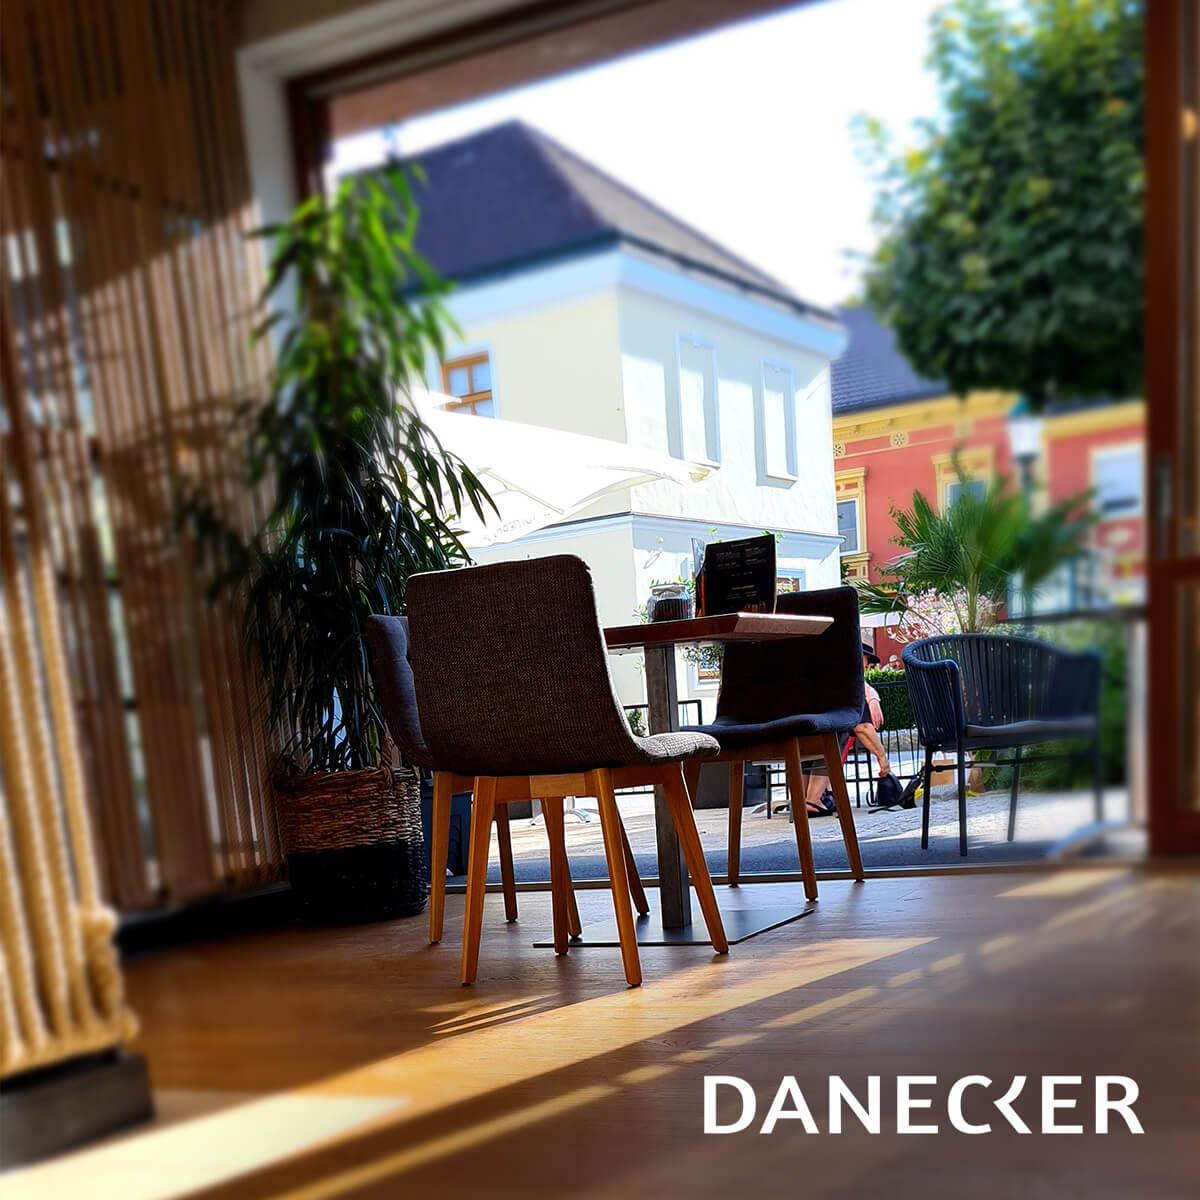 Bäckerei Danecker Wallsee täglich frische Mehlspeisen und Gebäck Snacks